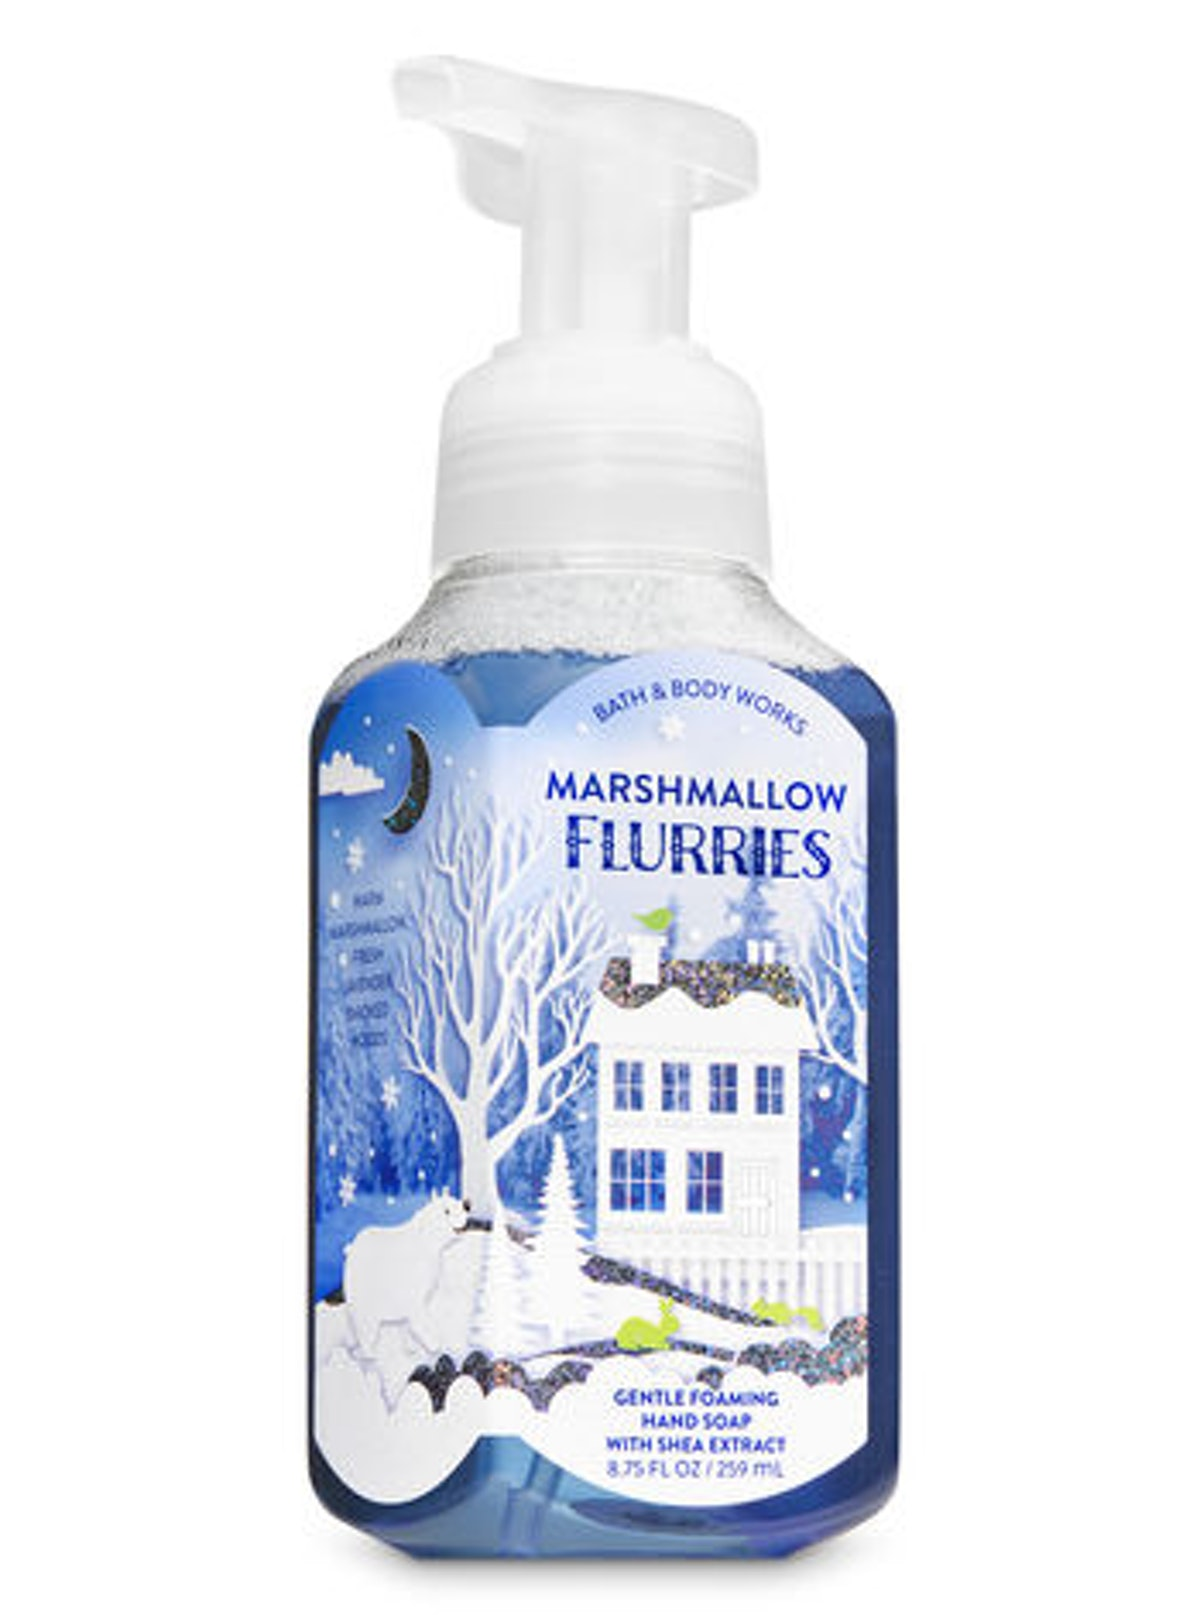 Marshmallow Flurries Gentle Foaming Hand Soap